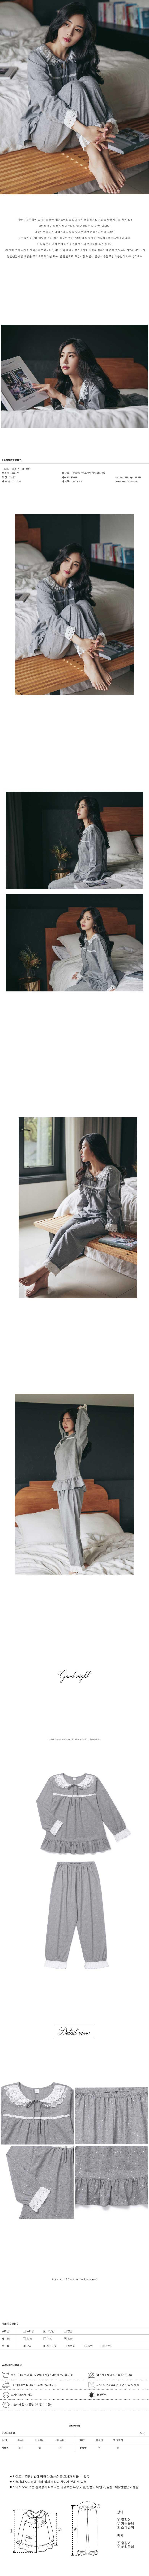 200451 여자잠옷 잠옷상하세트 면 잠옷 여성잠옷 긴팔잠옷 - 혀니미니, 70,000원, 잠옷, 여성파자마